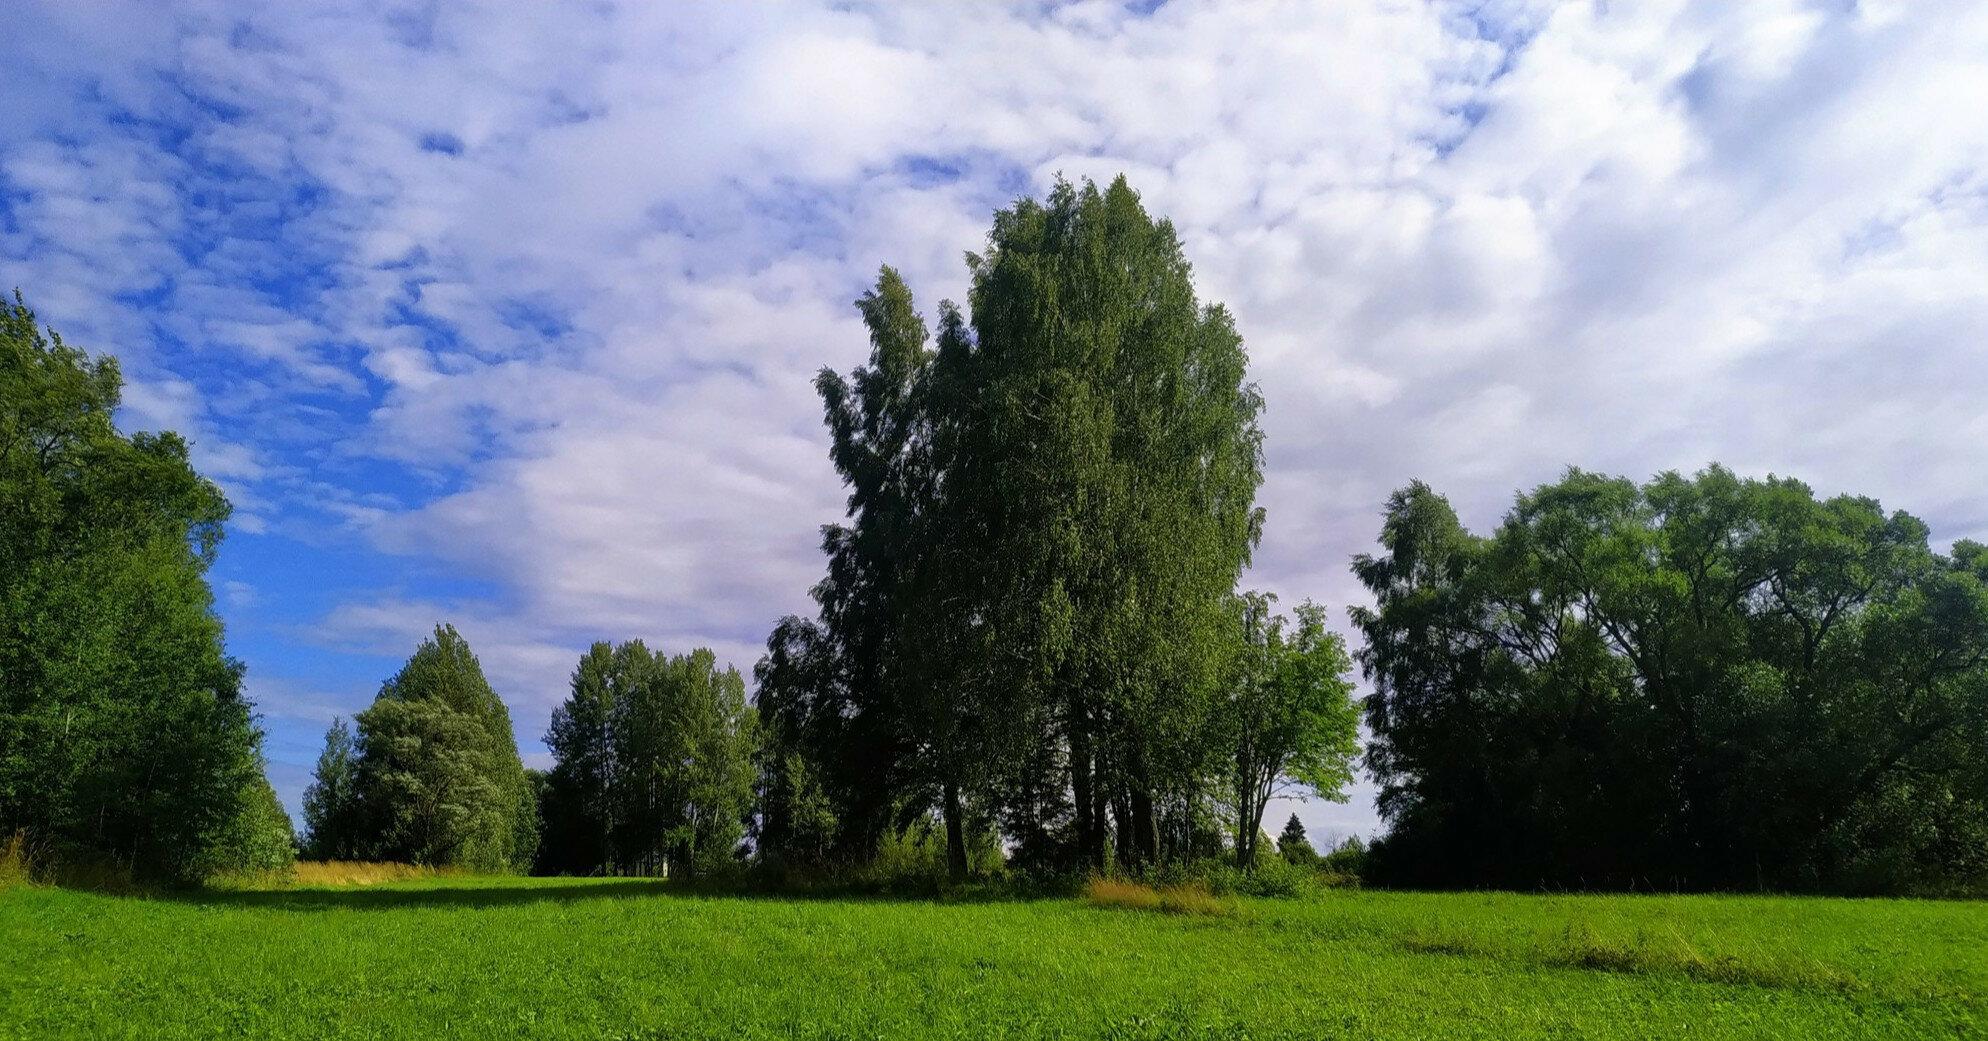 Дожди отступают: где по прогнозу будет облачно с прояснениями